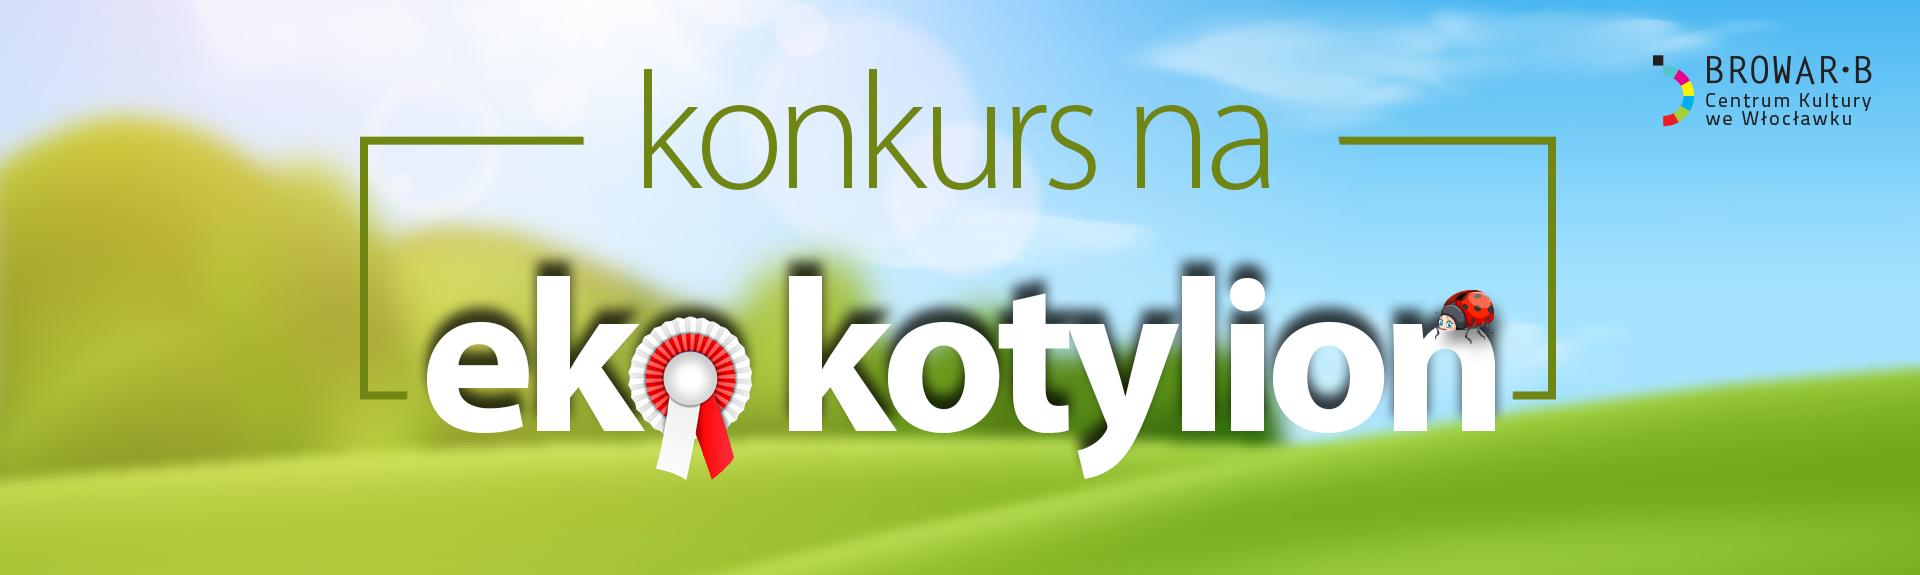 ekokotylion www